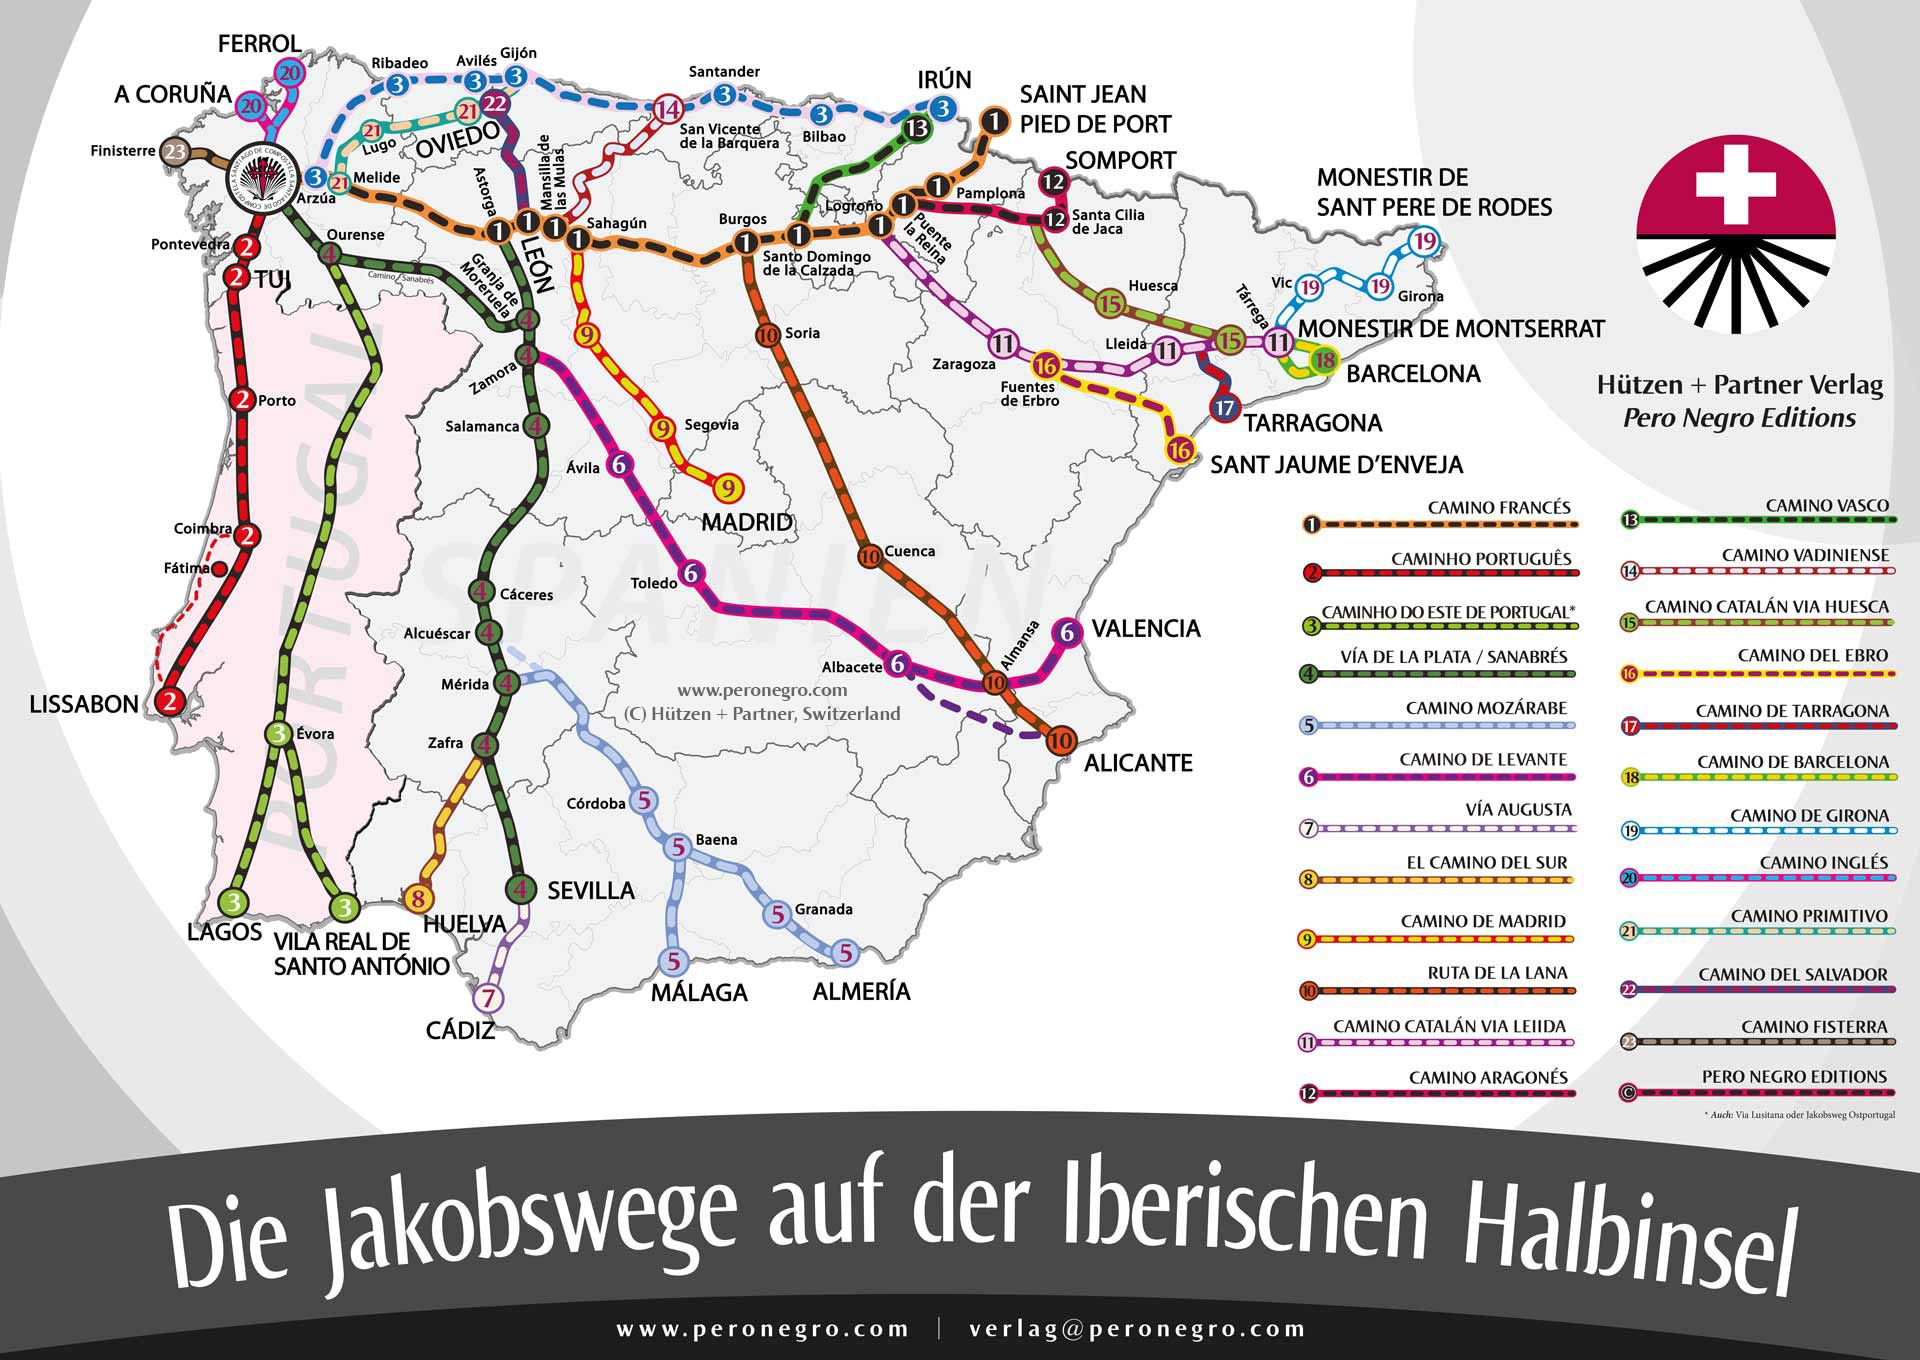 Jakobsweg Frankreich Spanien Karte.Alle Jakobswege In Spanien Portugal Neue Aktualisierte